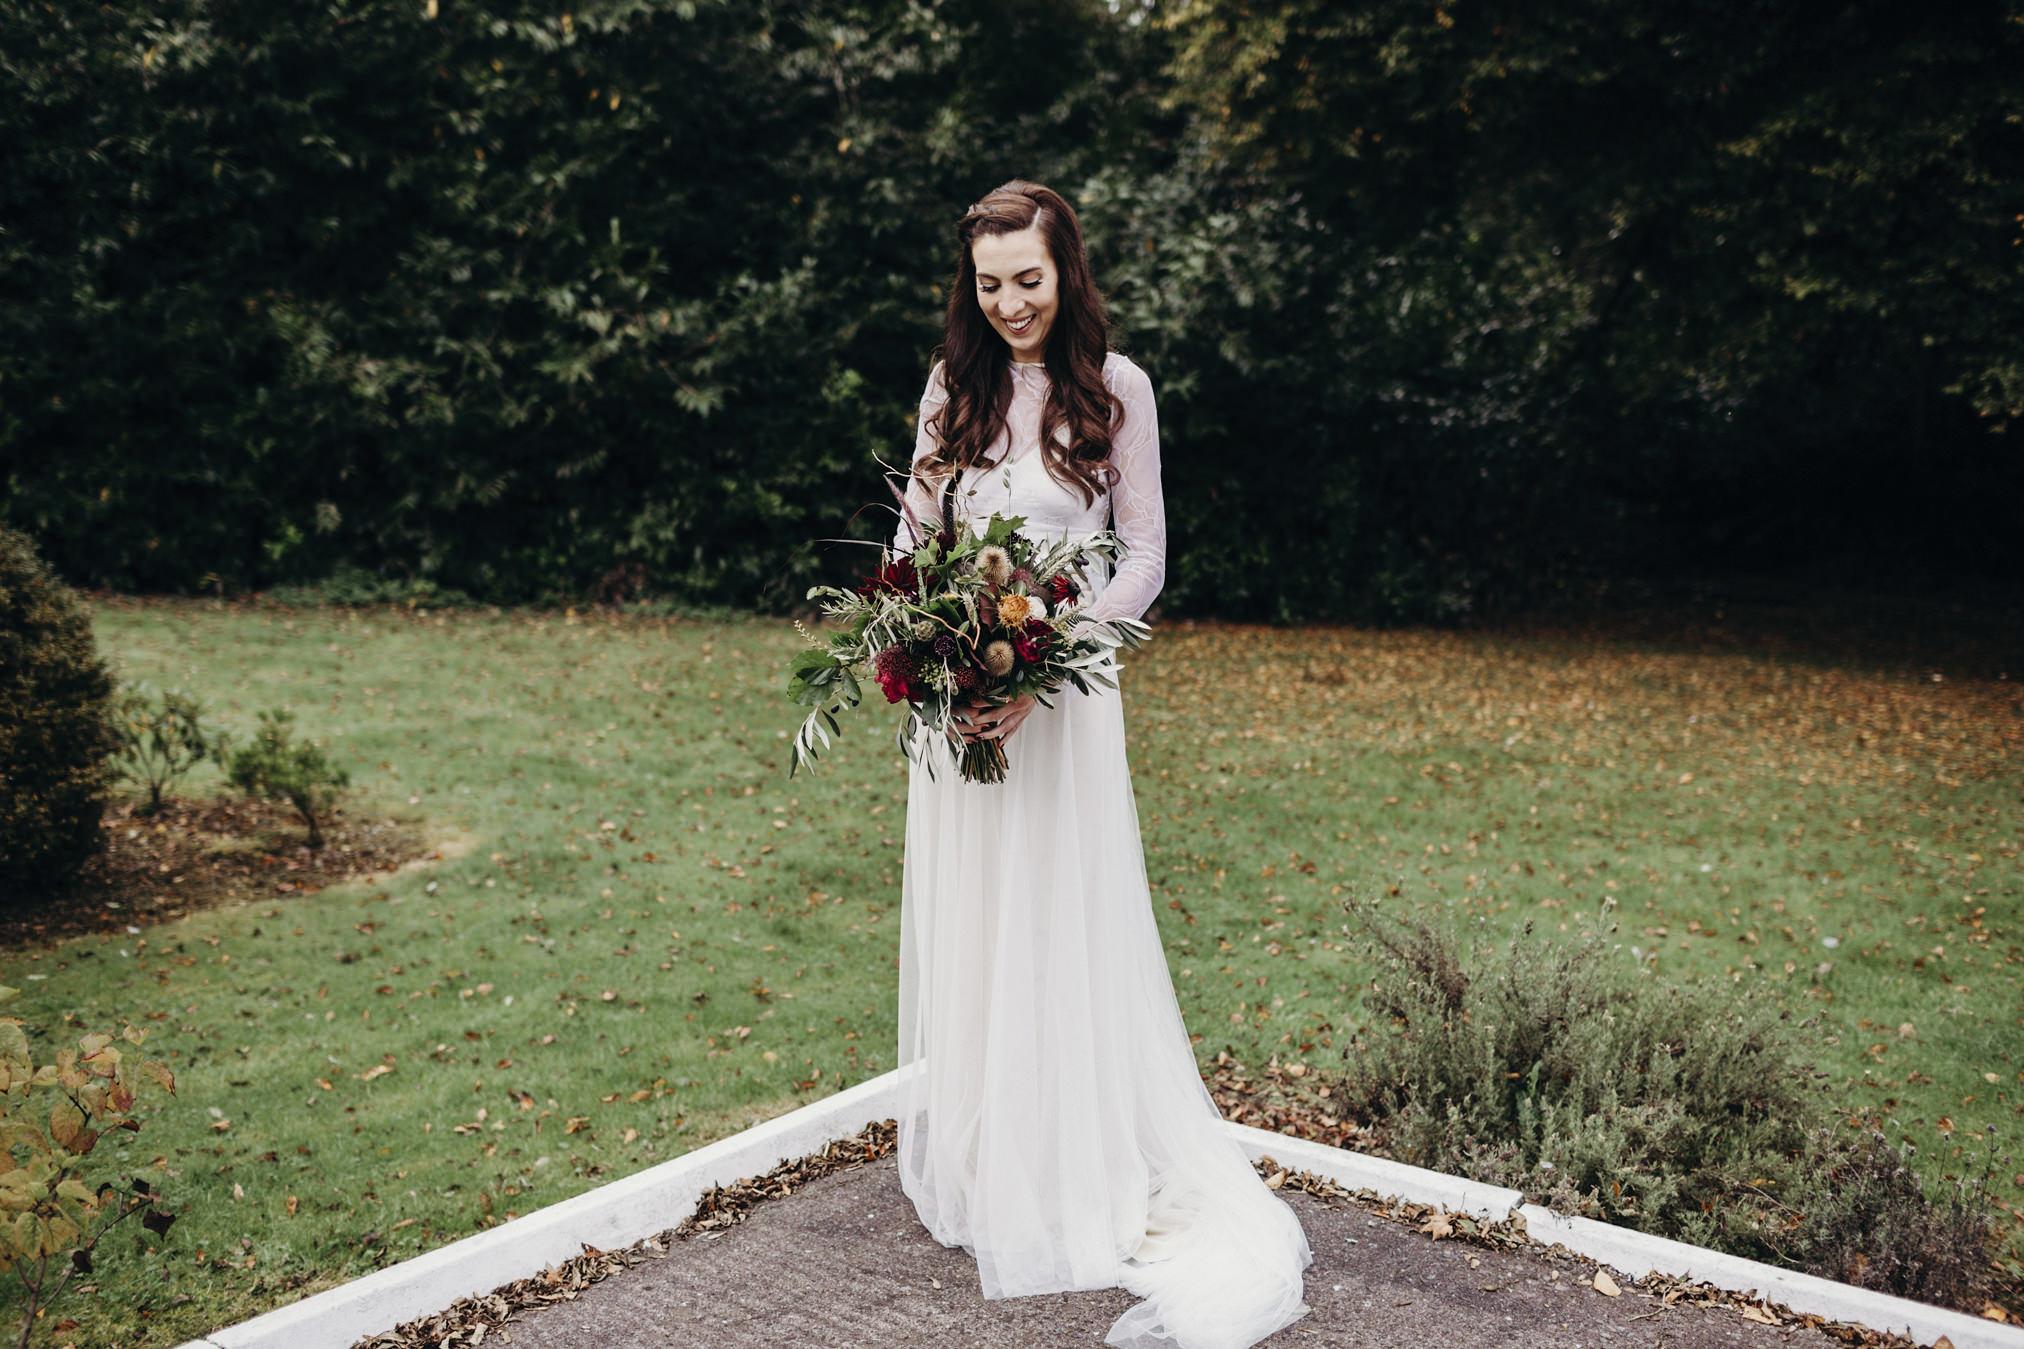 wedding photographer irelandGraciela Vilagudin Photography521.jpg